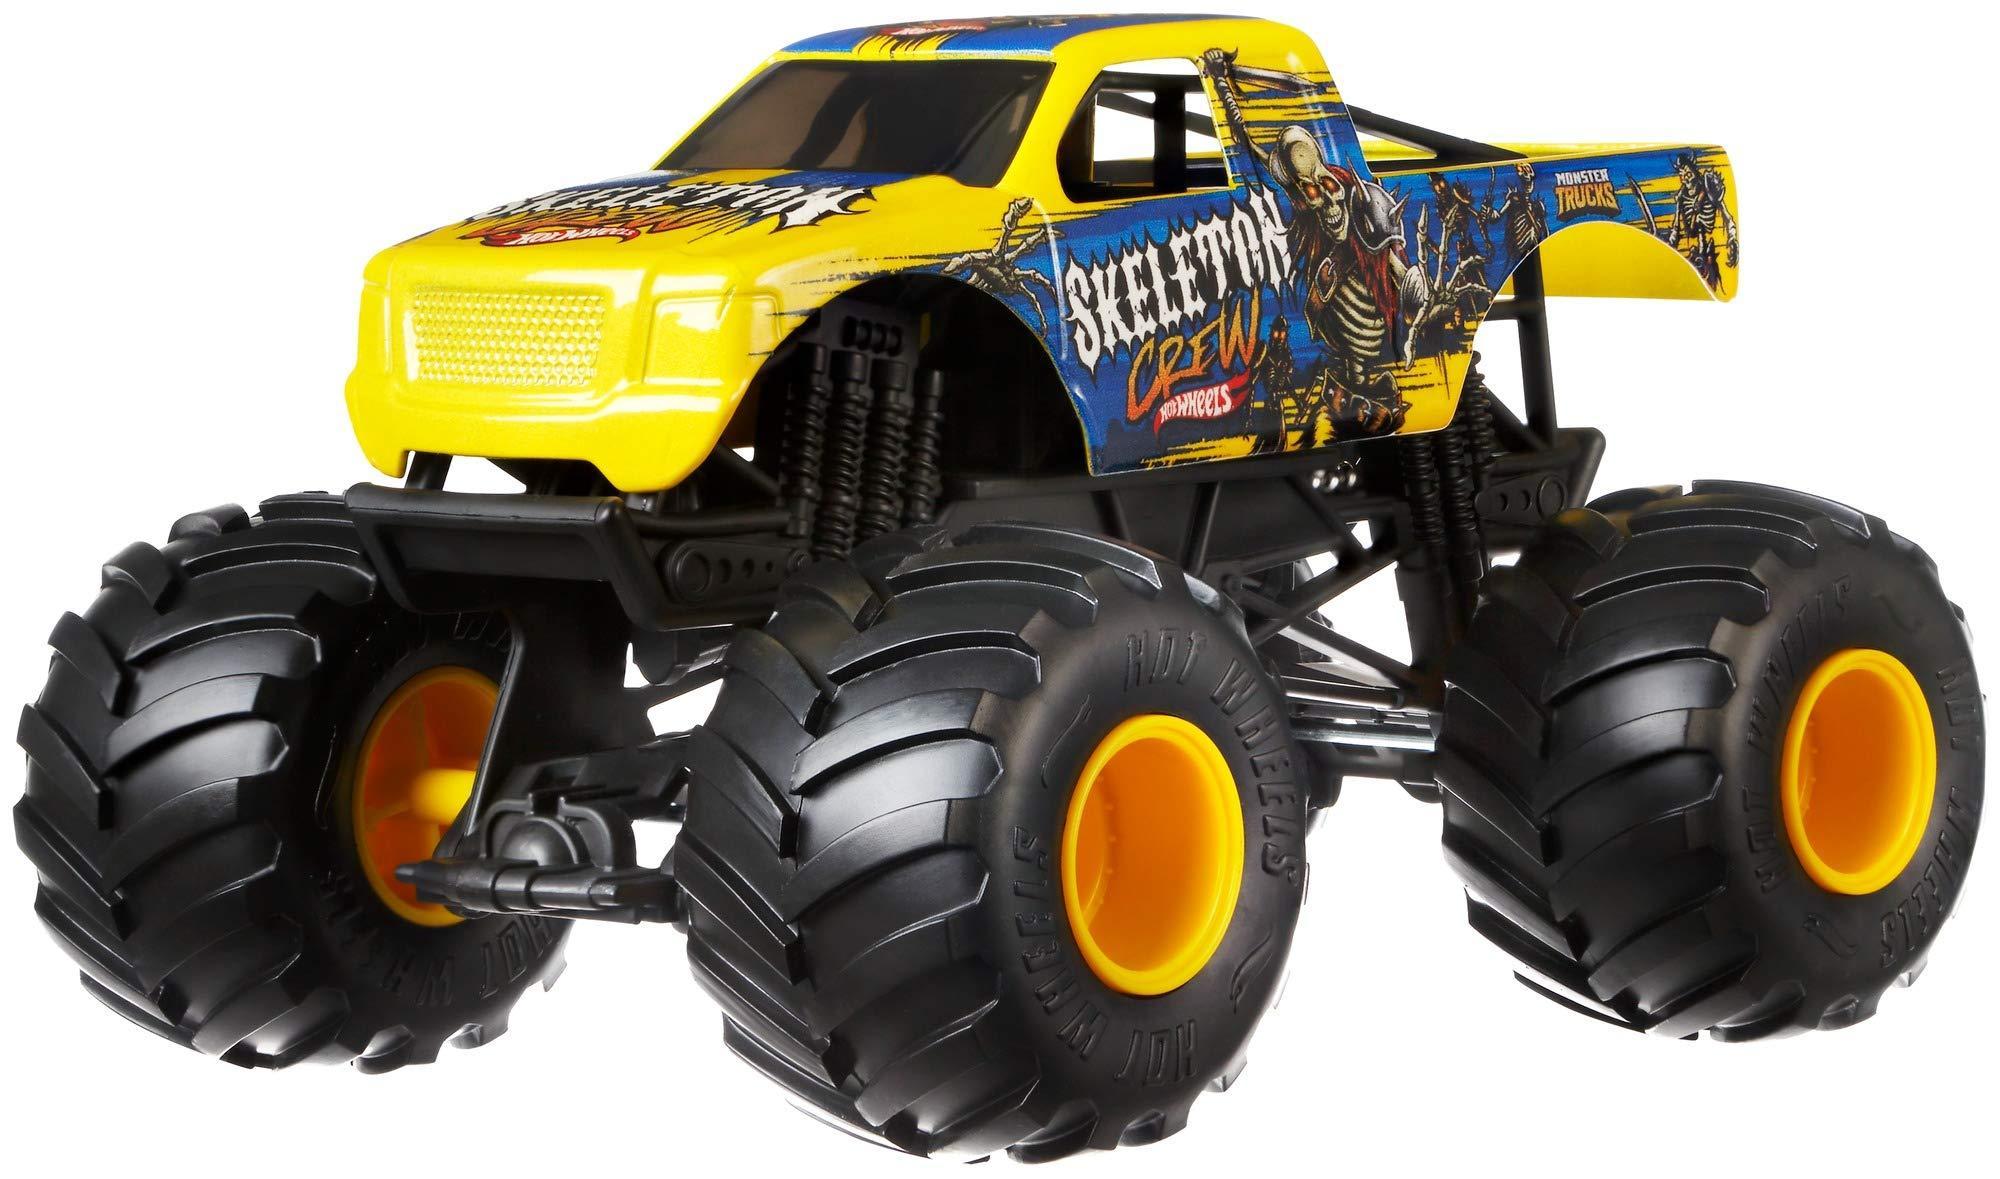 """Hot Wheels """"Монстр трак - Skeleton Crew"""" - игровая машинка   Бигфут"""